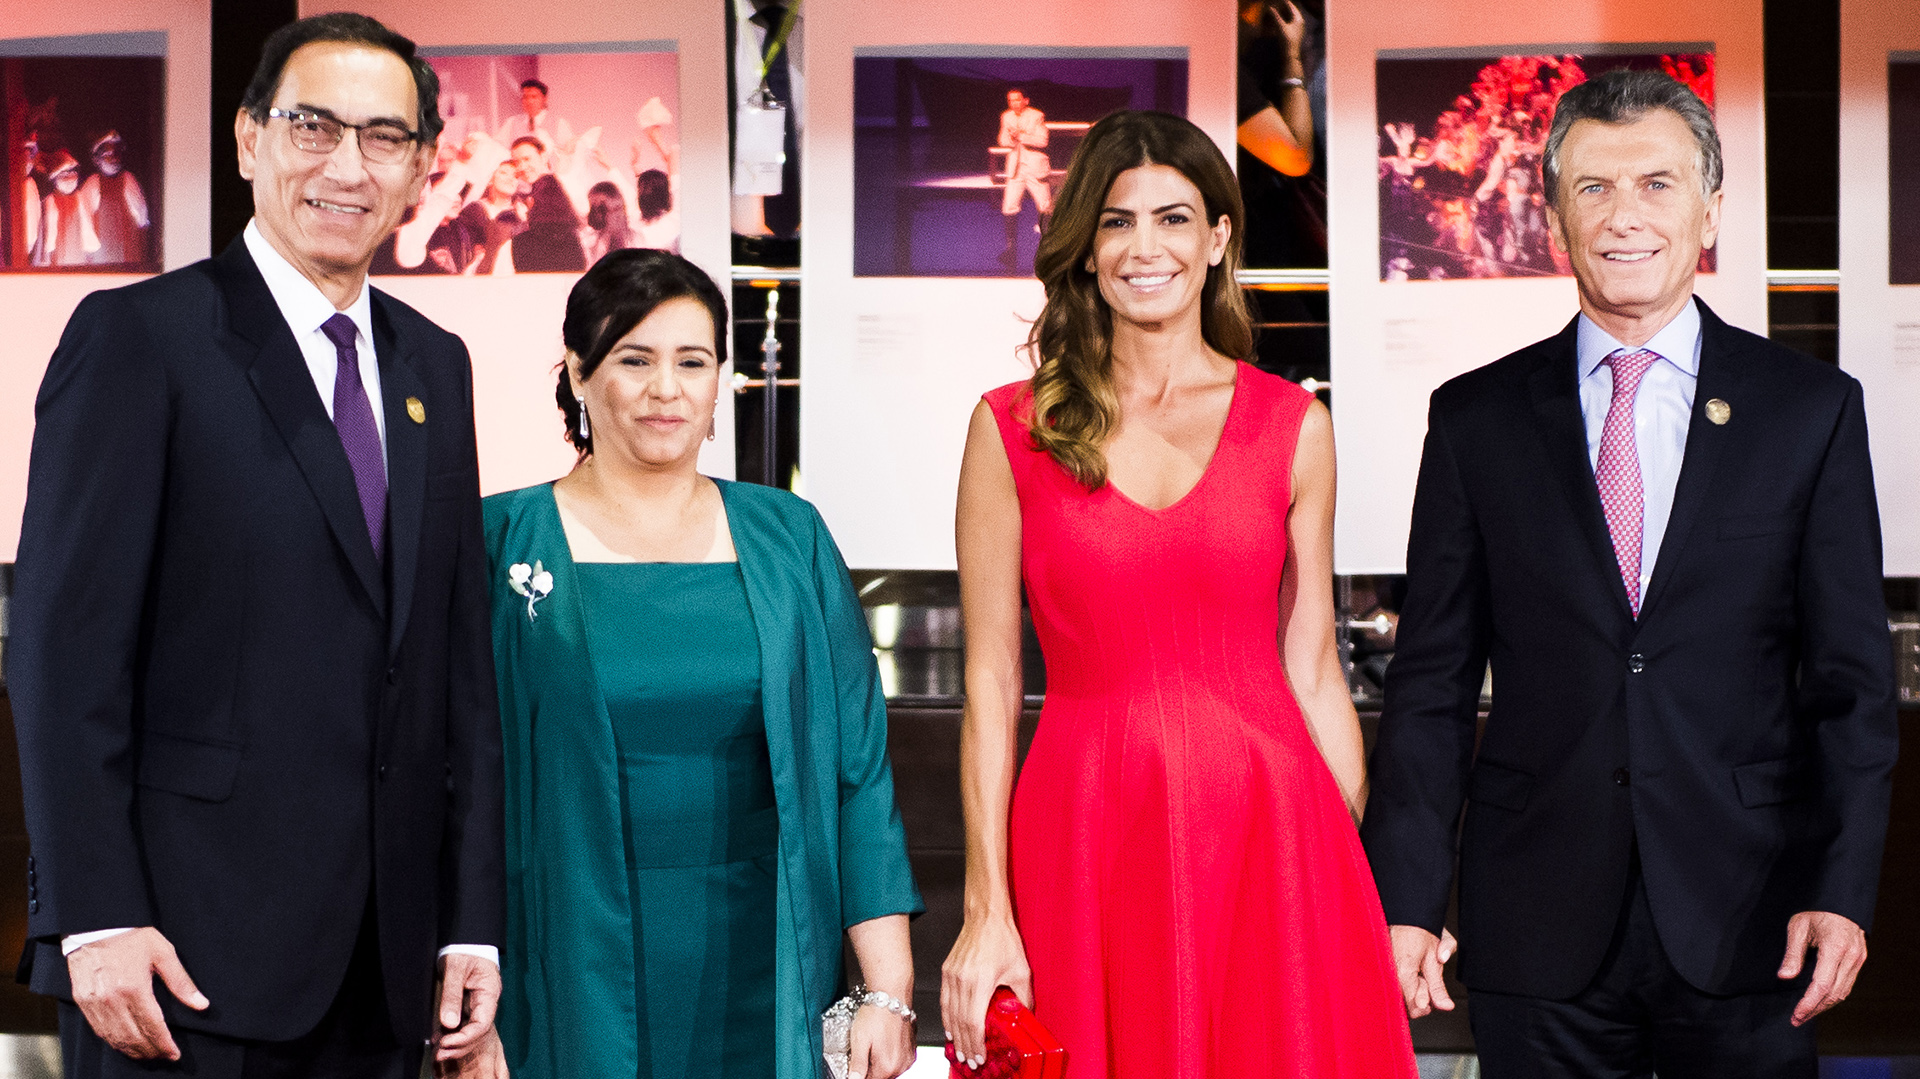 El presidente y su esposa brindaron una comida de honor a Mauricio Macri y Juliana Awada (Presidencia)